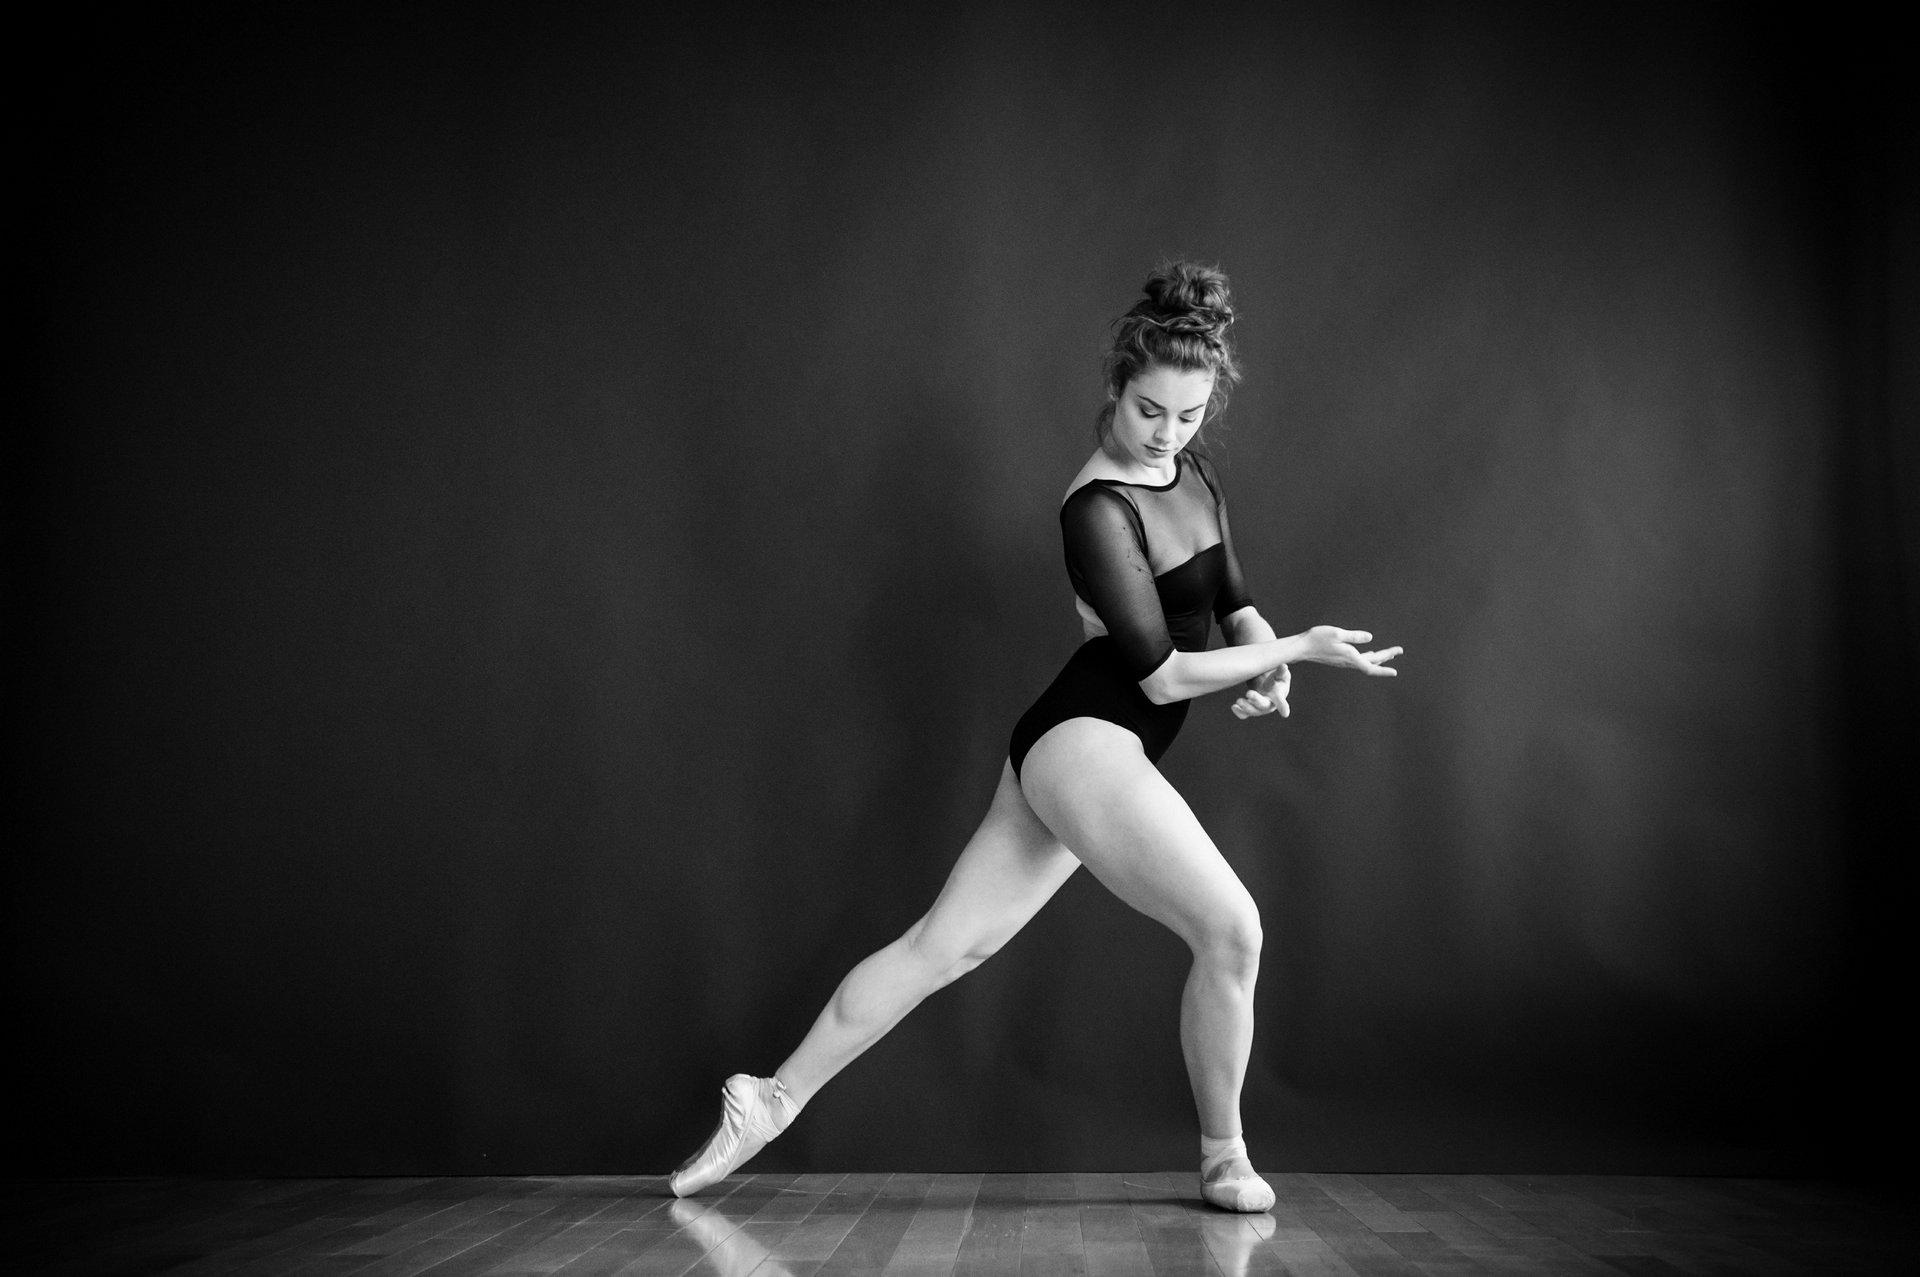 nEO_IMG_Marissa Dance-51-BW.jpg